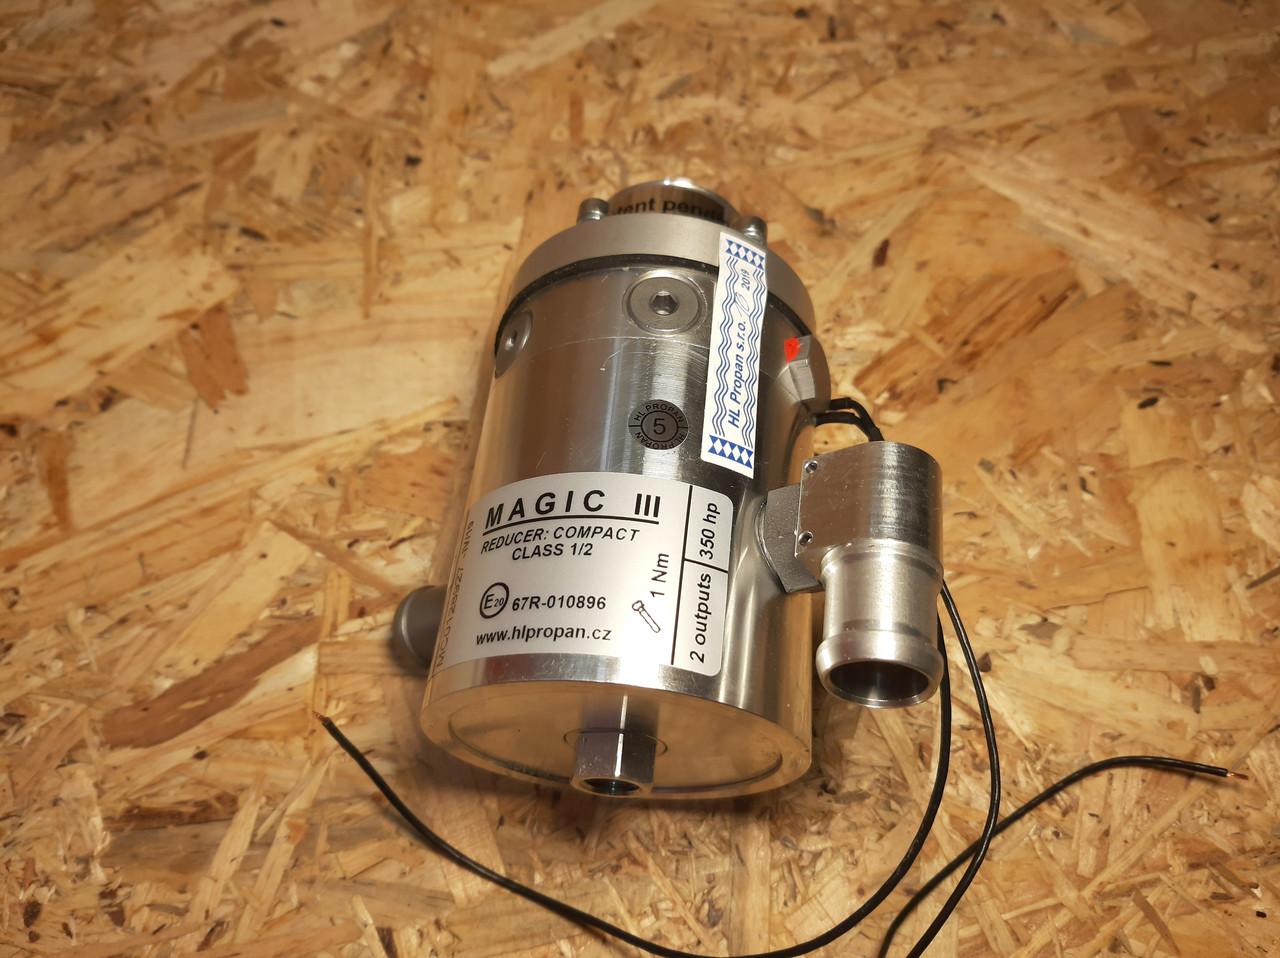 Редуктор Magic Compact до 250 л.с.